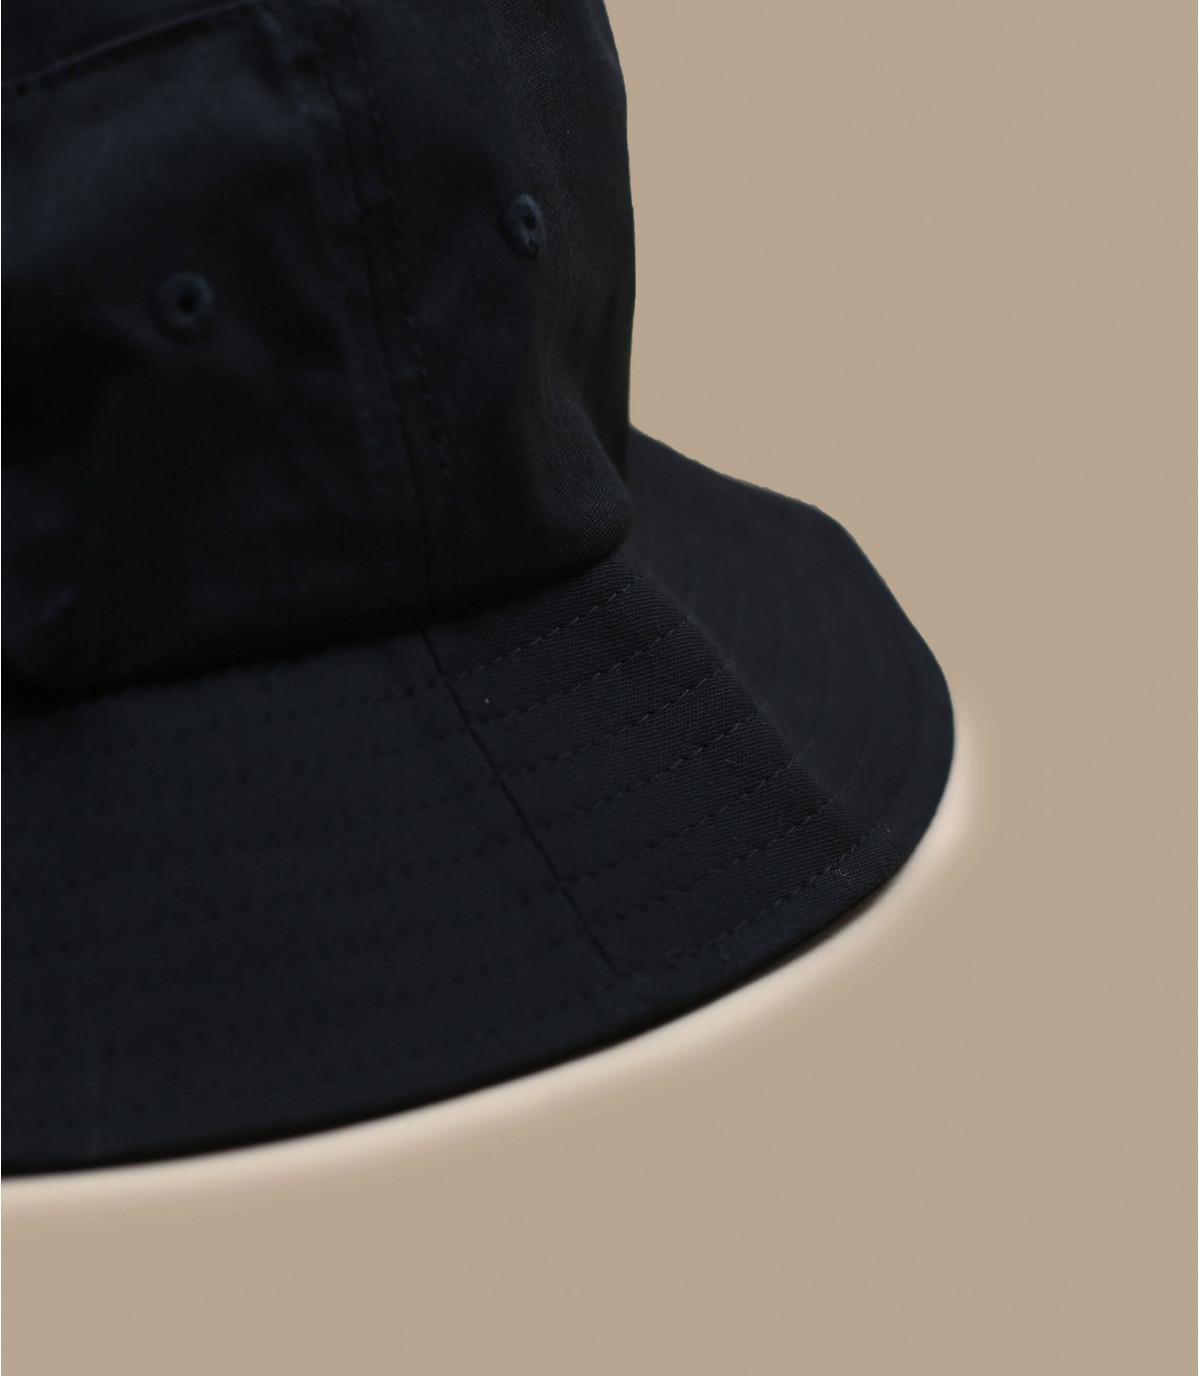 Détails Bob noir flexfit wm - image 1